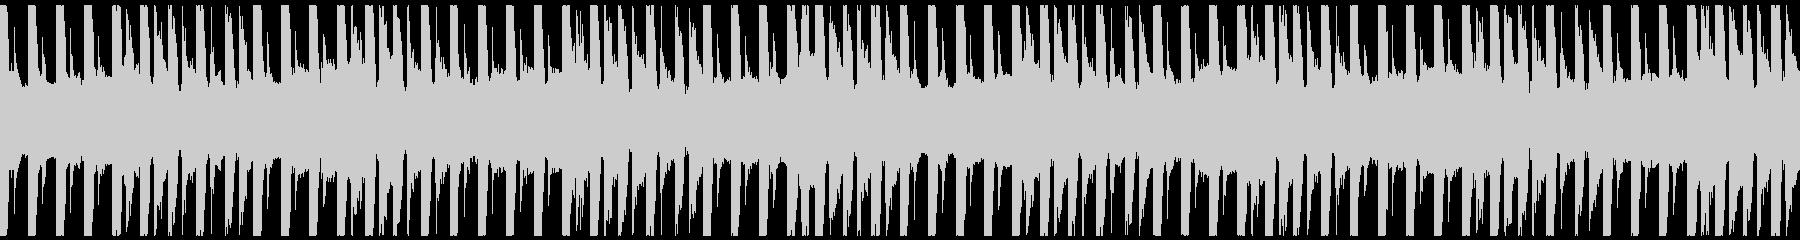 運動・フィットネス/30秒ループ曲2の未再生の波形